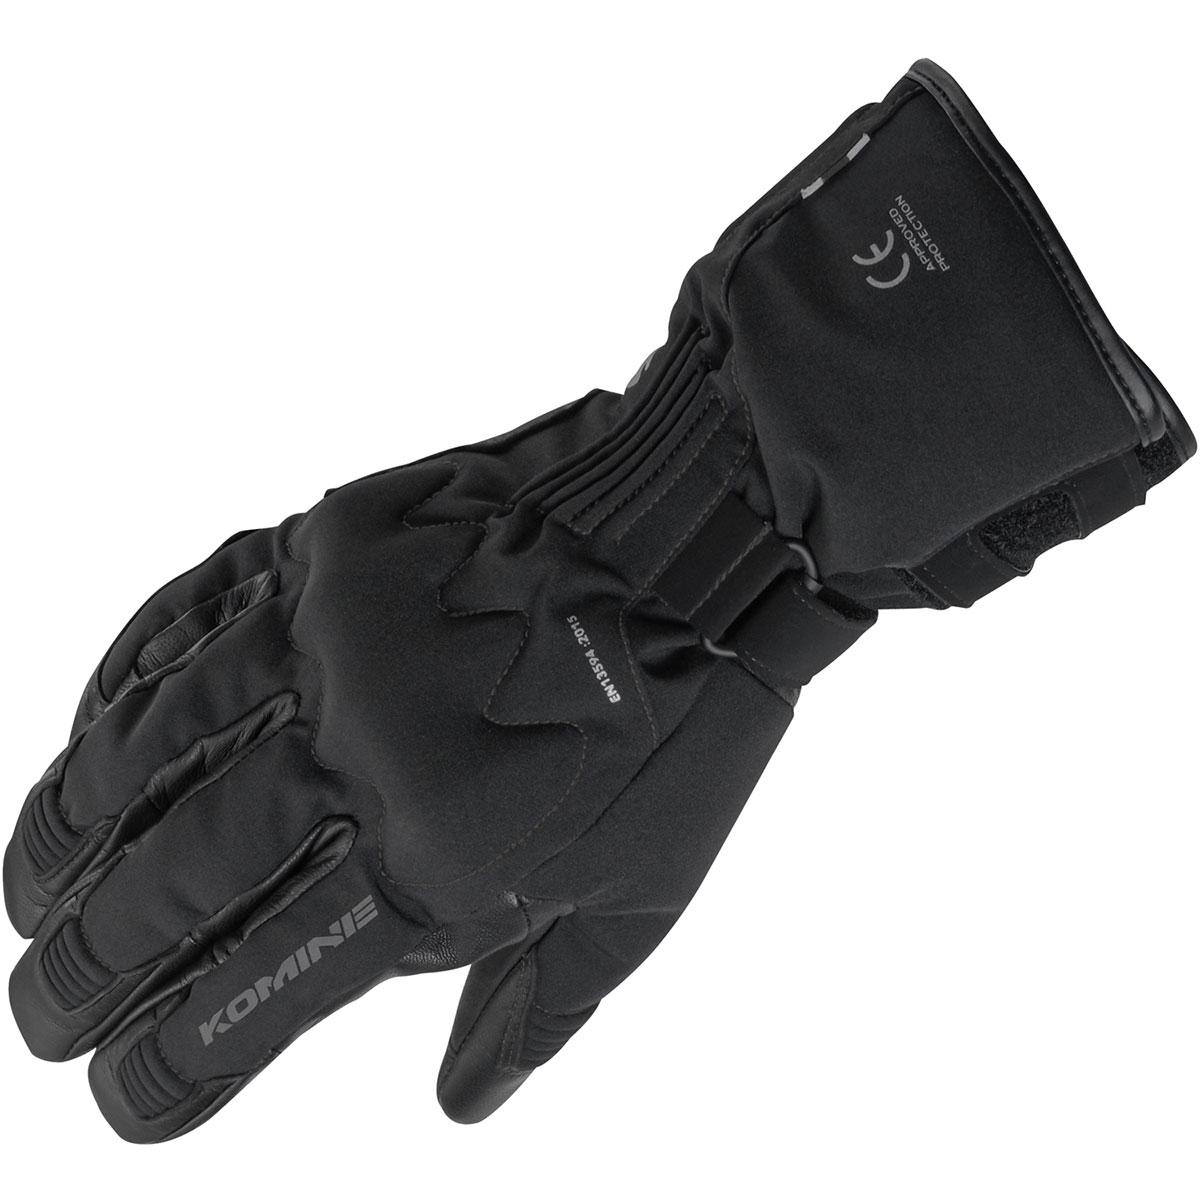 ブラック 2XLサイズ プロテクトウィンターグローブ GK-828 AIR GEL コミネ(KOMINE)